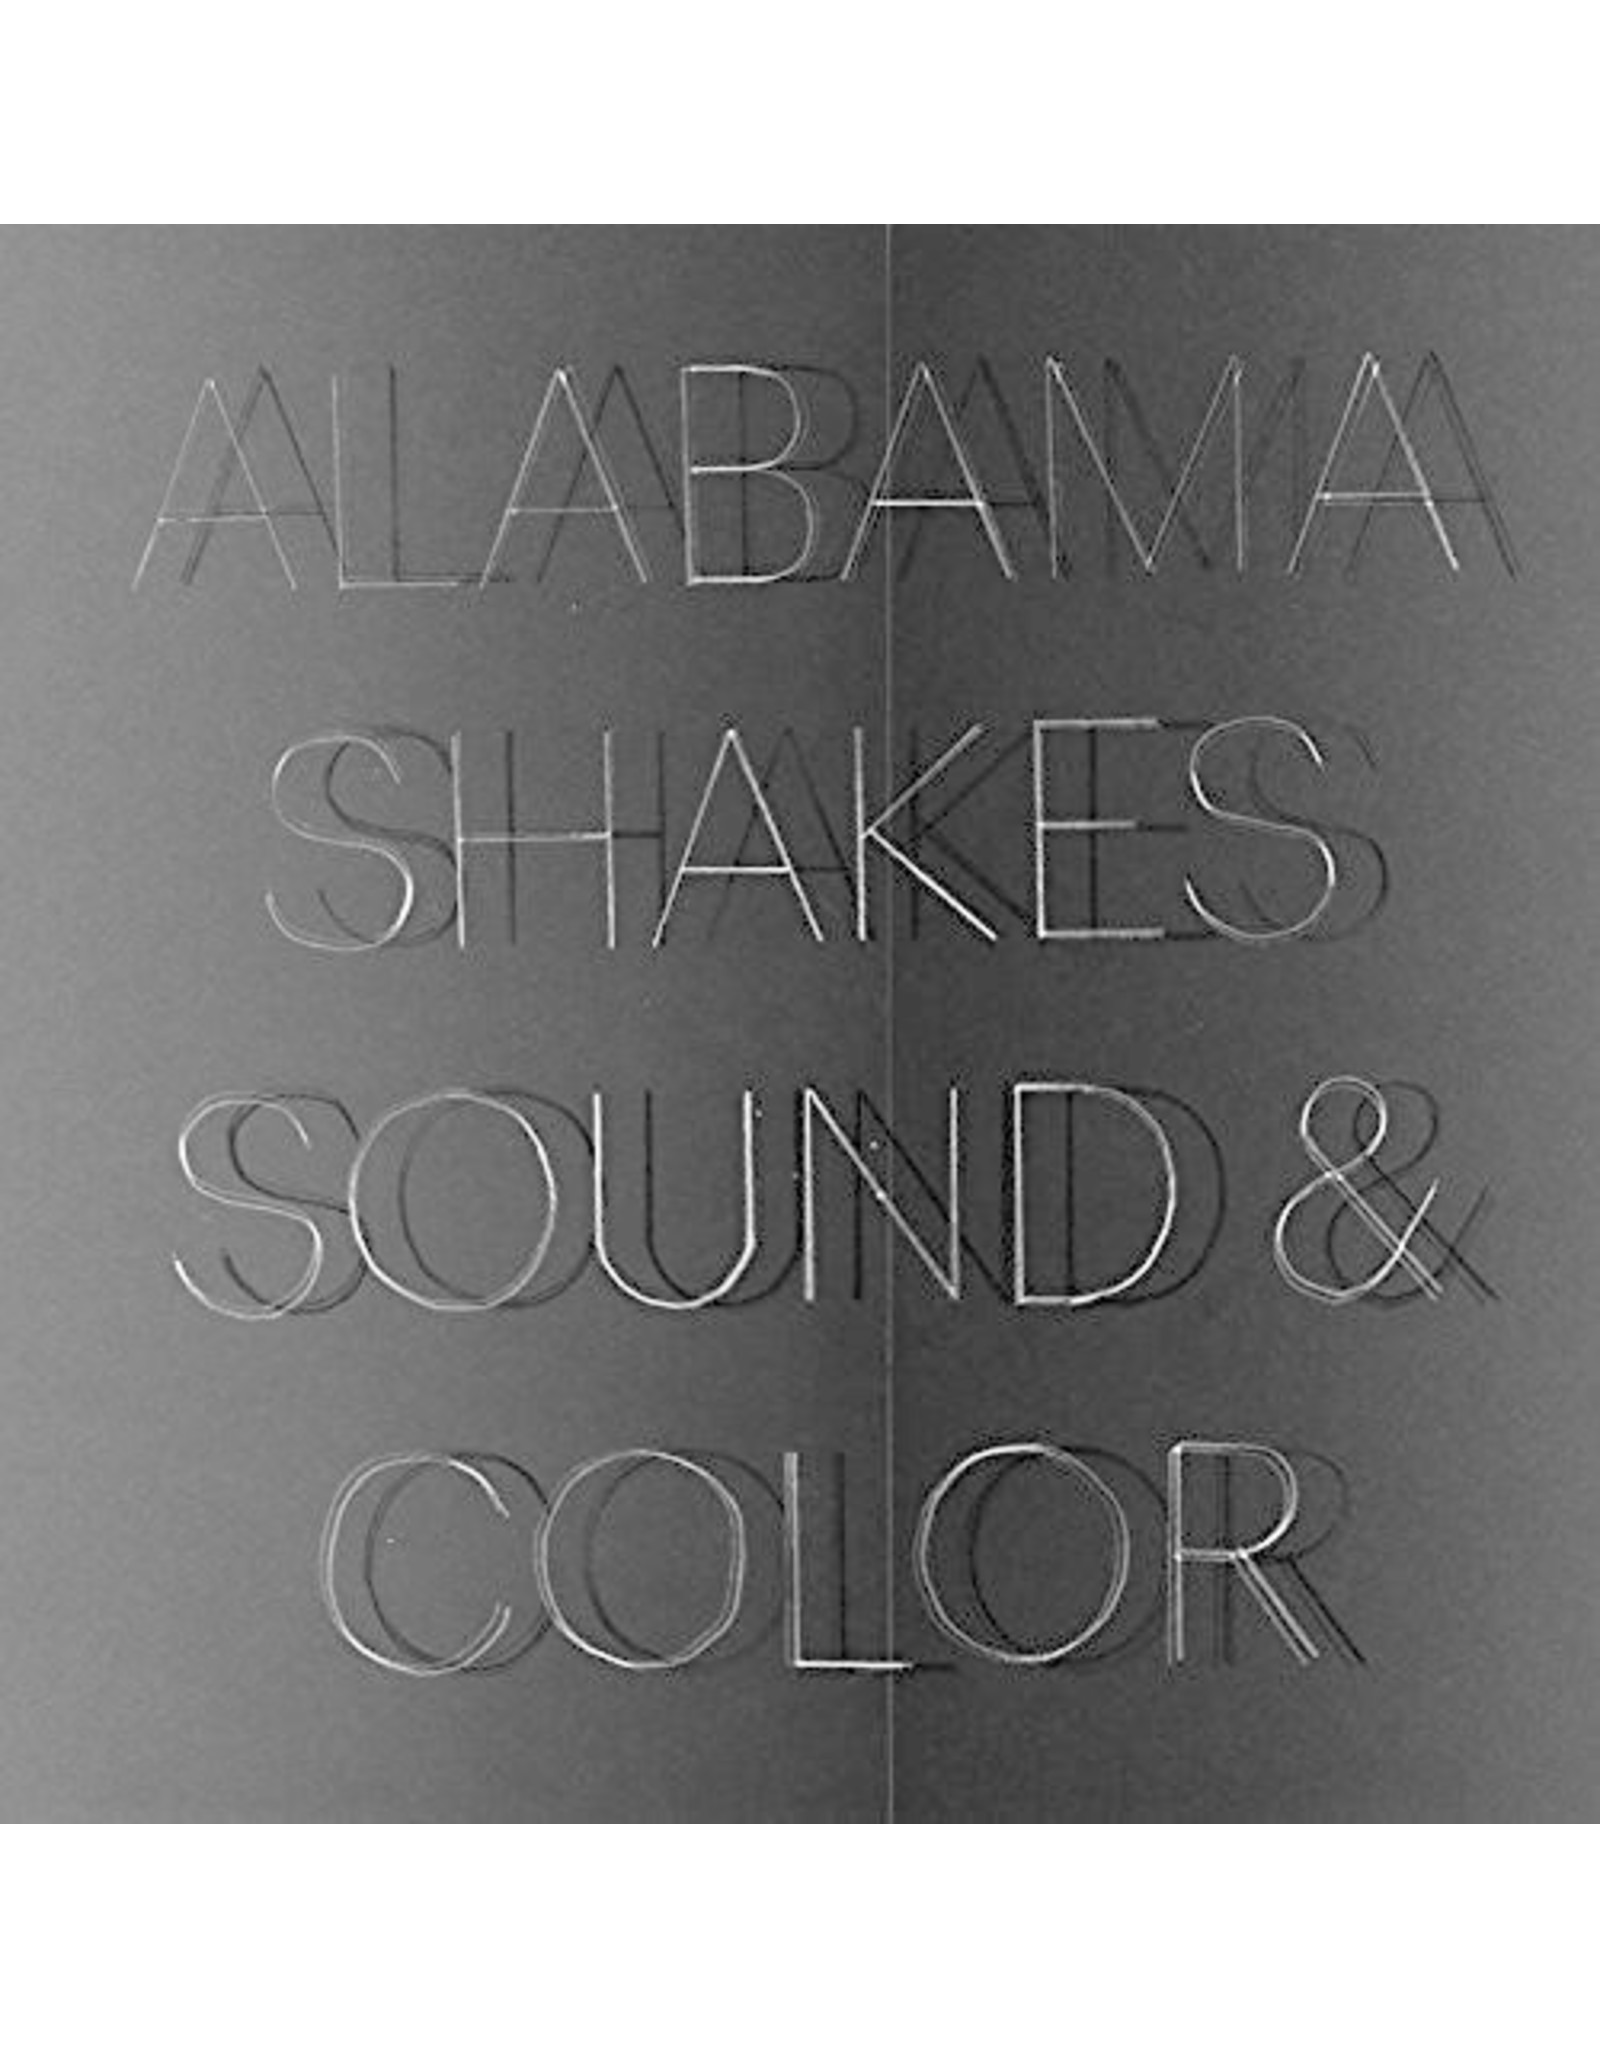 Alabama Shakes / Sound & Color (2xLP Clear Vinyl)